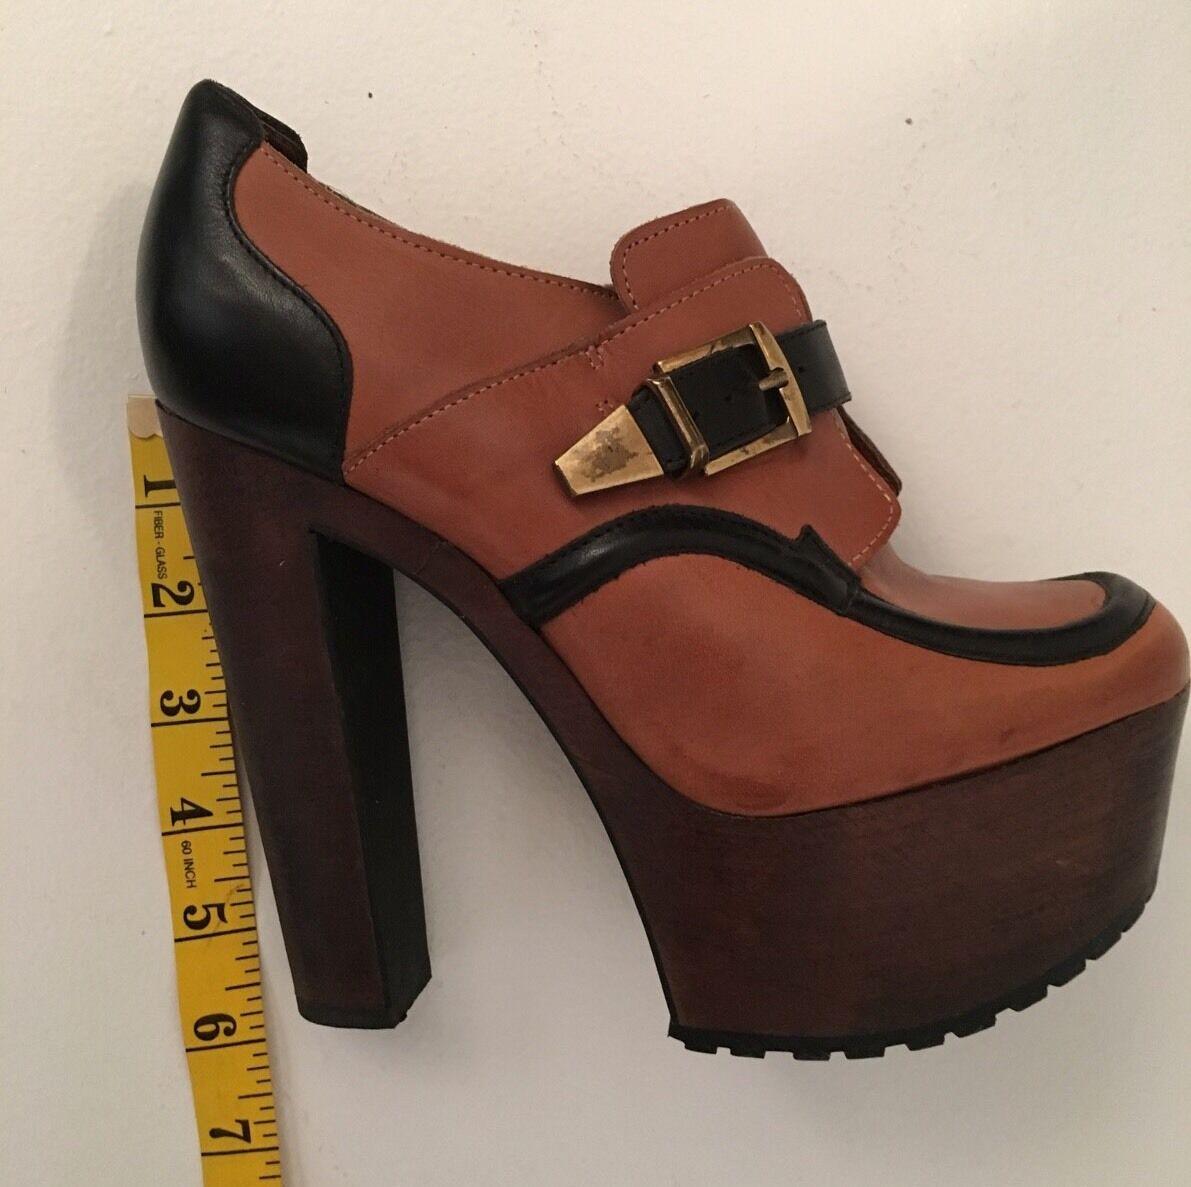 ASOS Brown Leather Platform Heel Booties shoes Sz 9